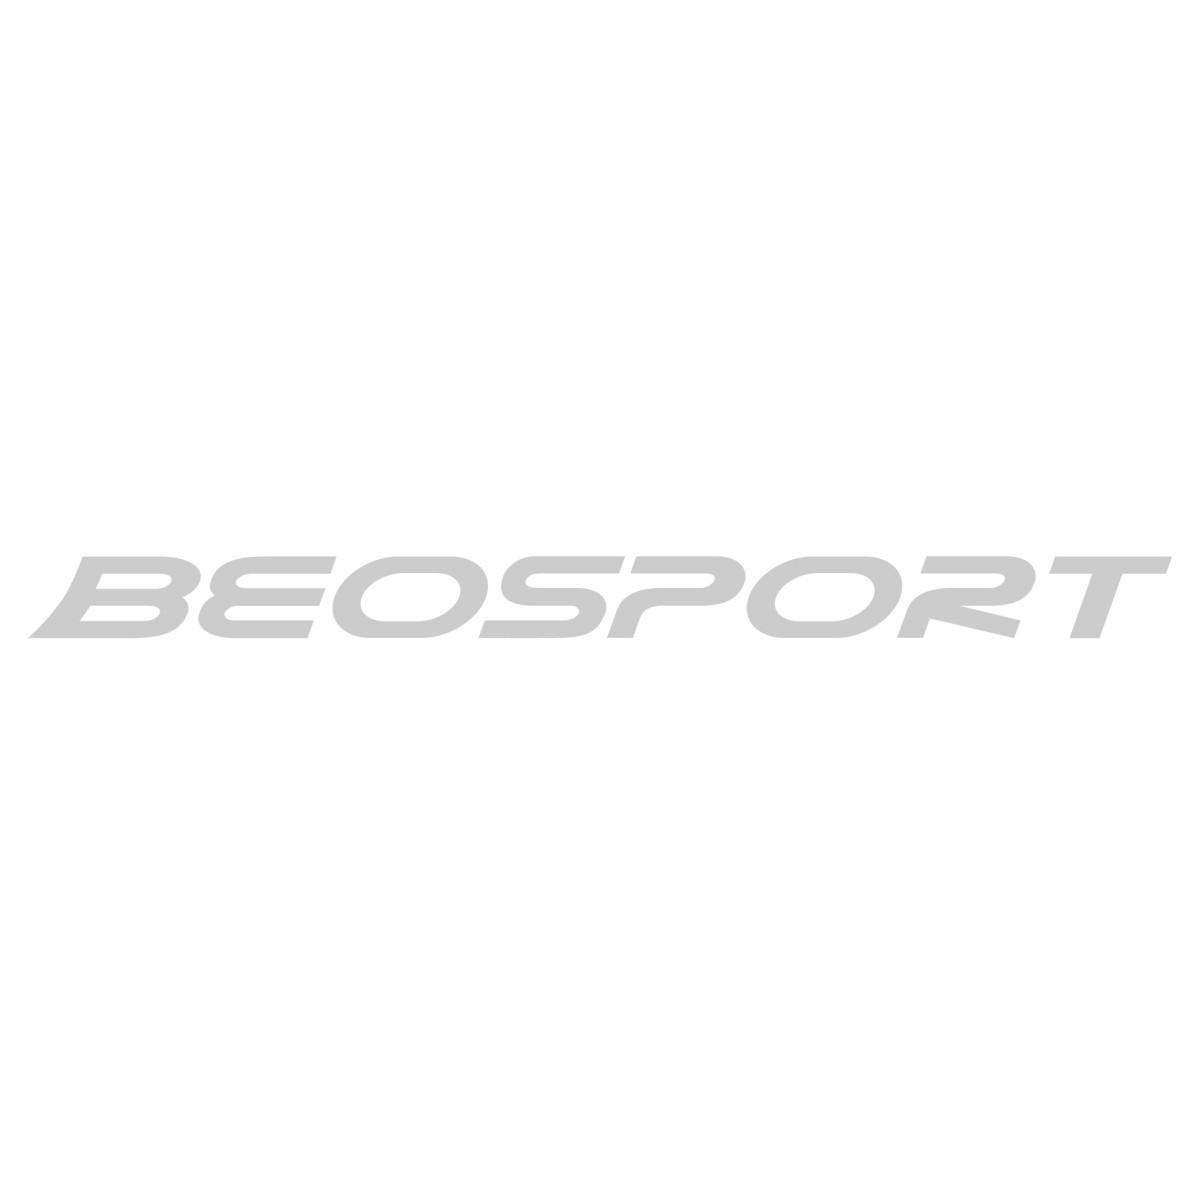 Wilson Graffiti lopta za odbojku